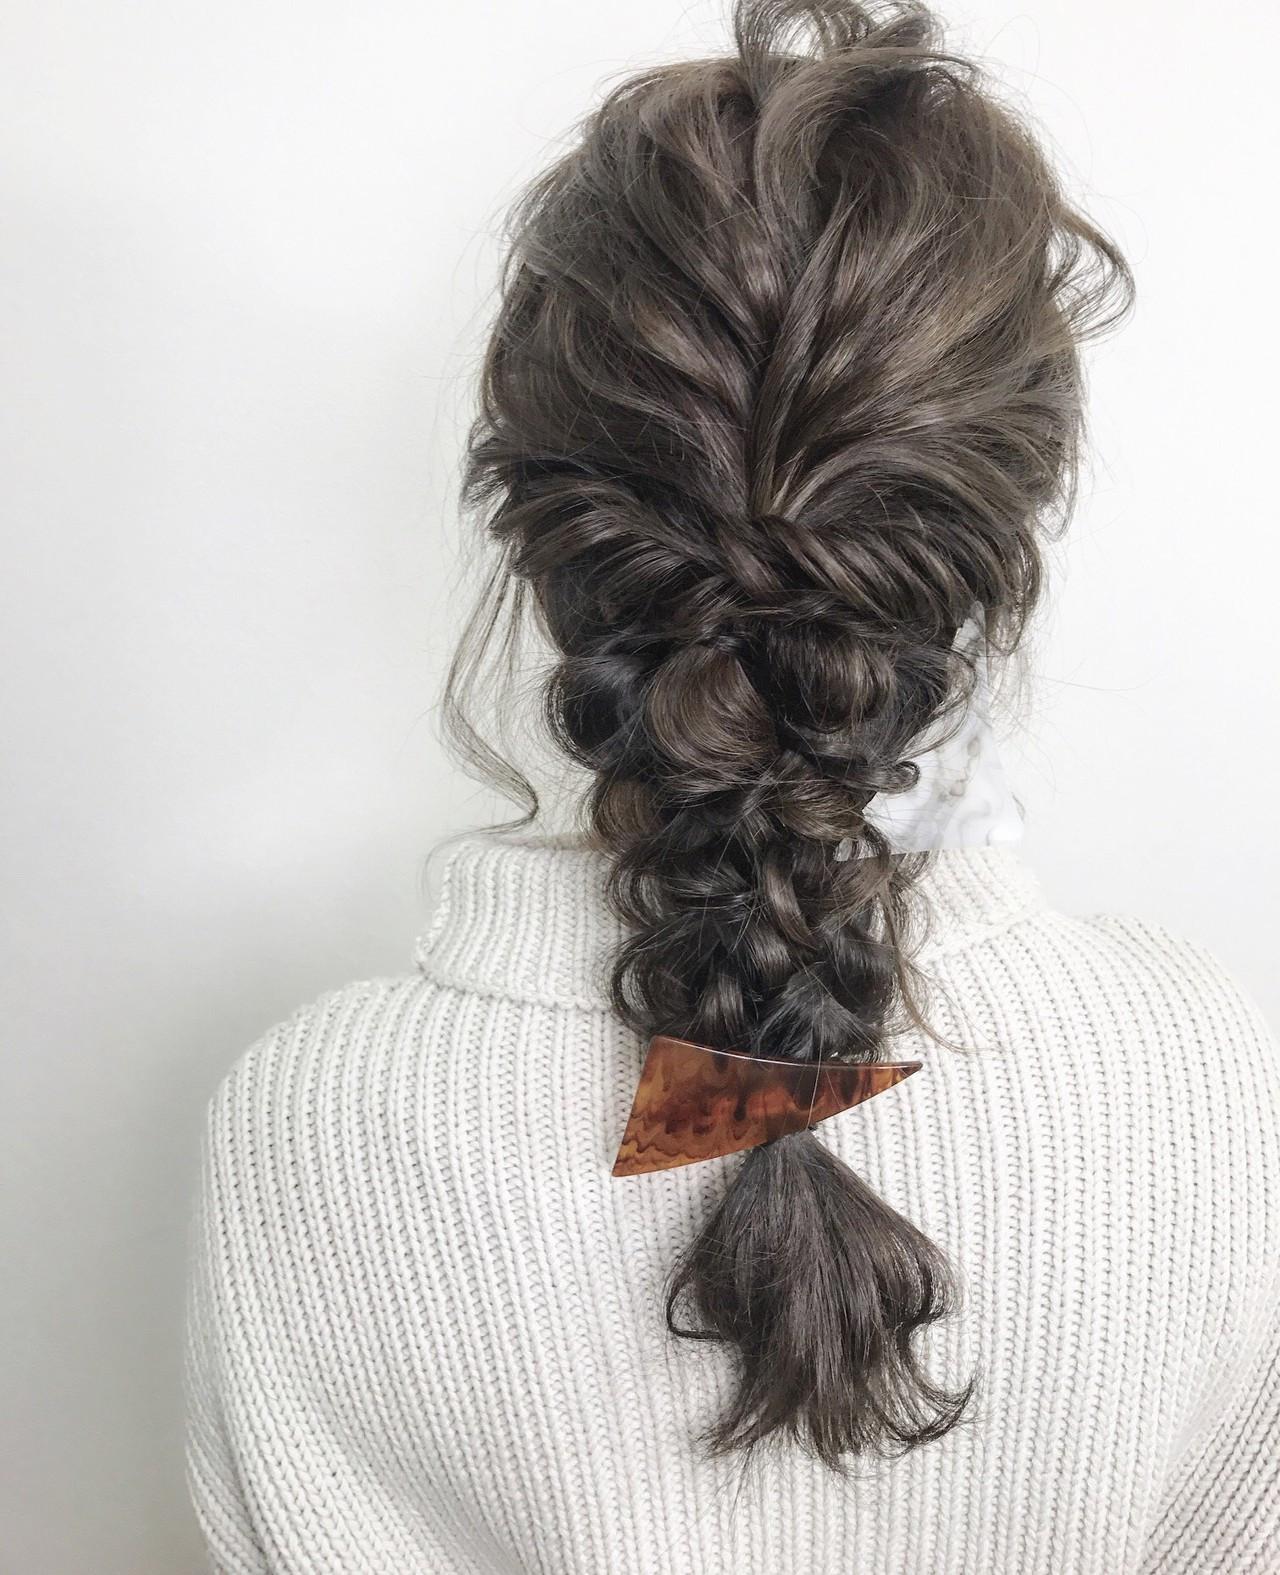 ヘアアレンジ 三つ編み エレガント 上品 ヘアスタイルや髪型の写真・画像